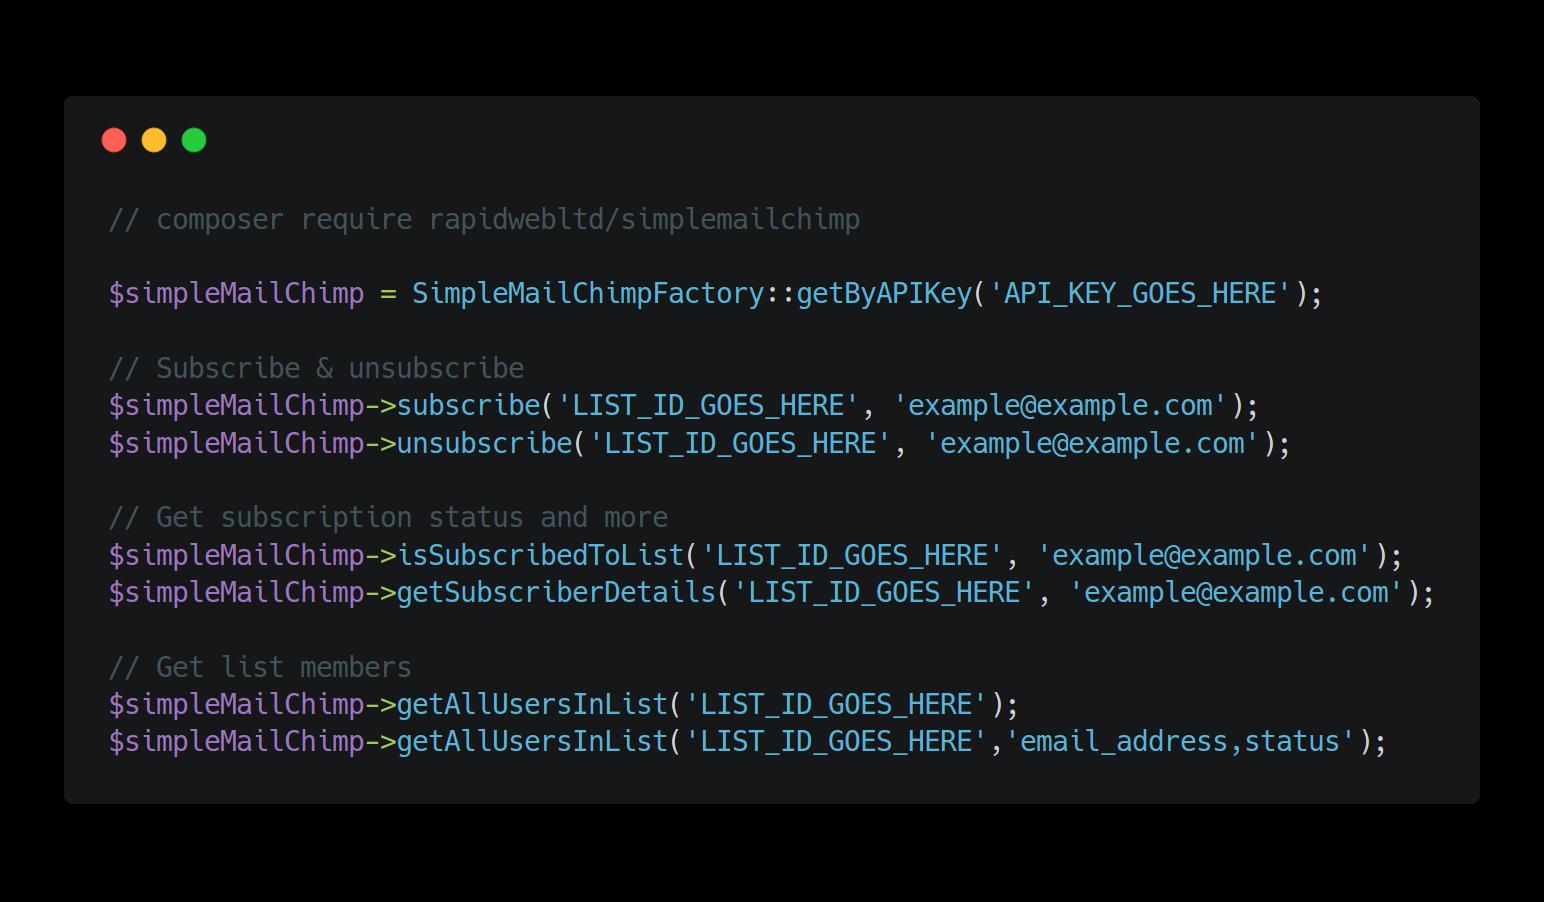 Simple MailChimp usage